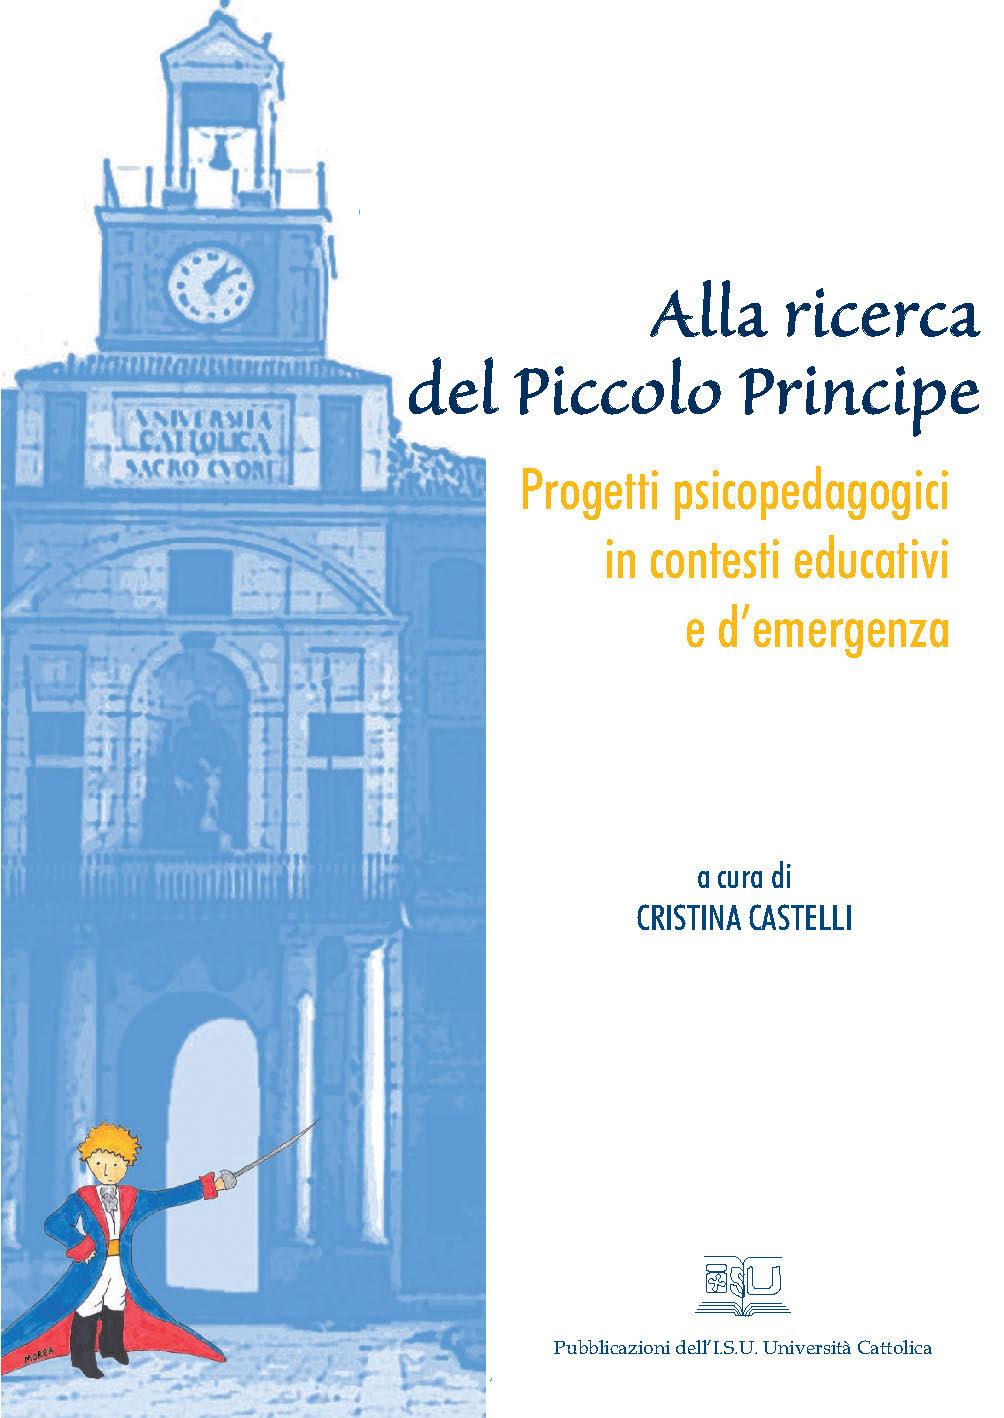 ALLA RICERCA DEL PICCOLO PRINCIPE. PROGETTI PSICOPEDAGOGICI IN CONTESTI EDUCATIVI E D'EMERGENZA